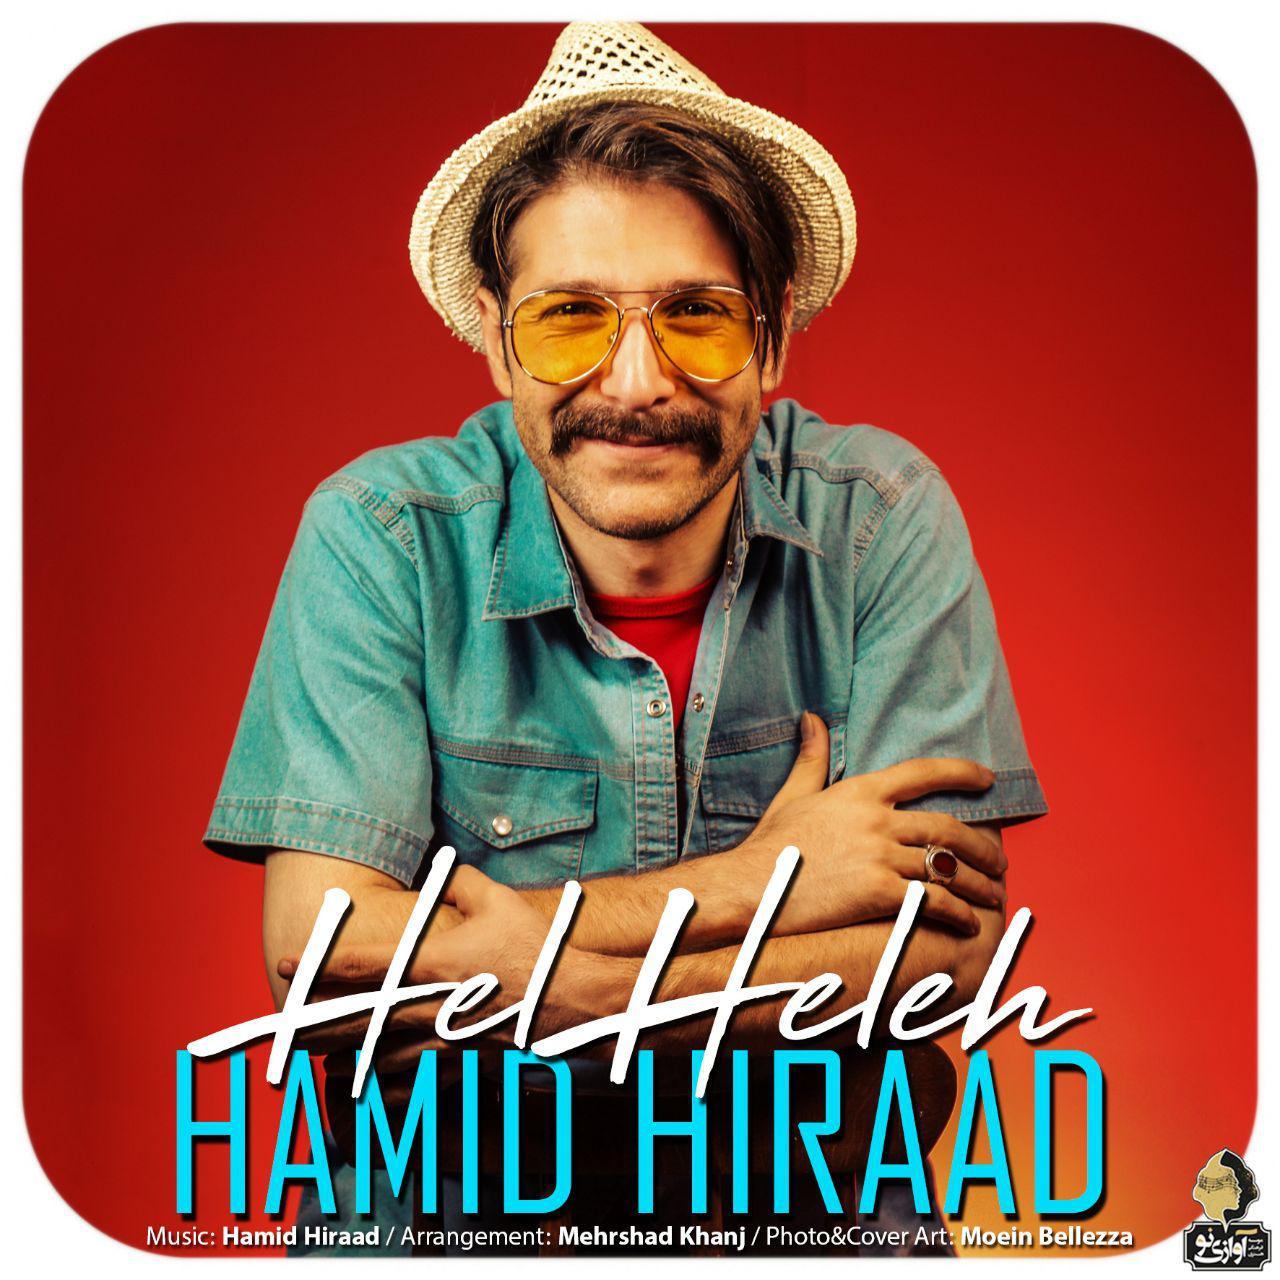 Hamid Hiraad – HelHelle